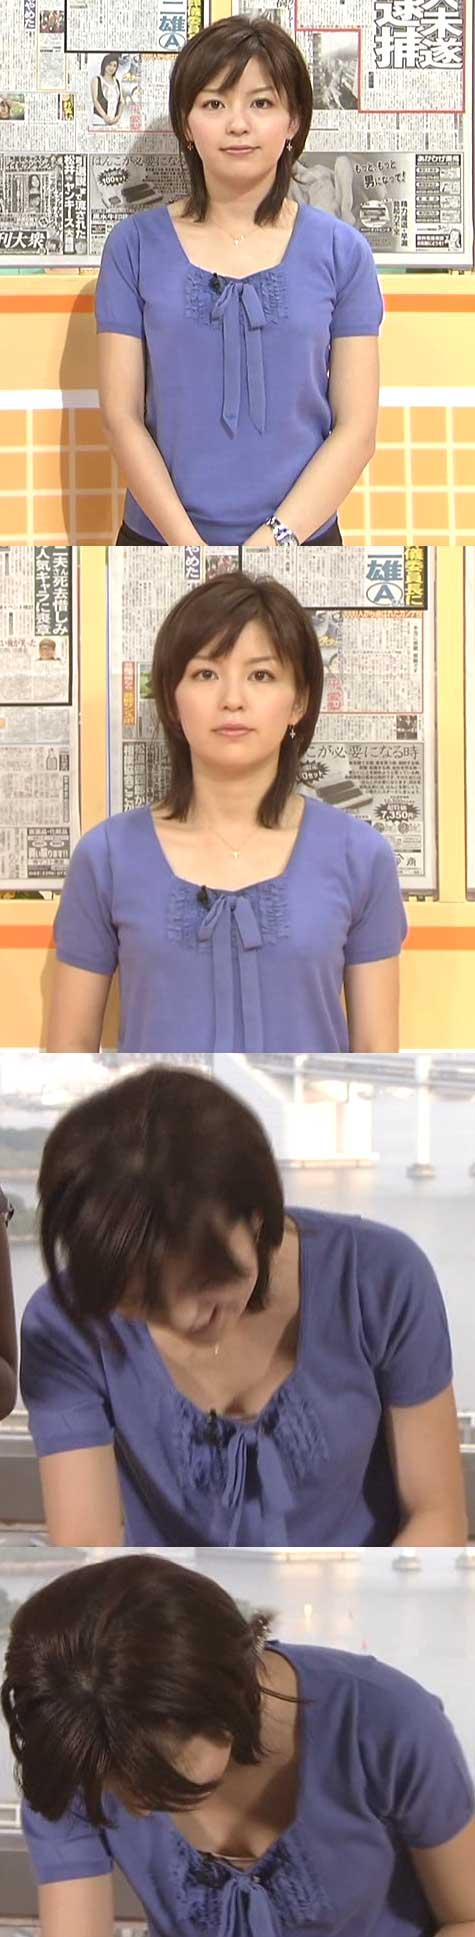 中野美奈子の胸がエロい